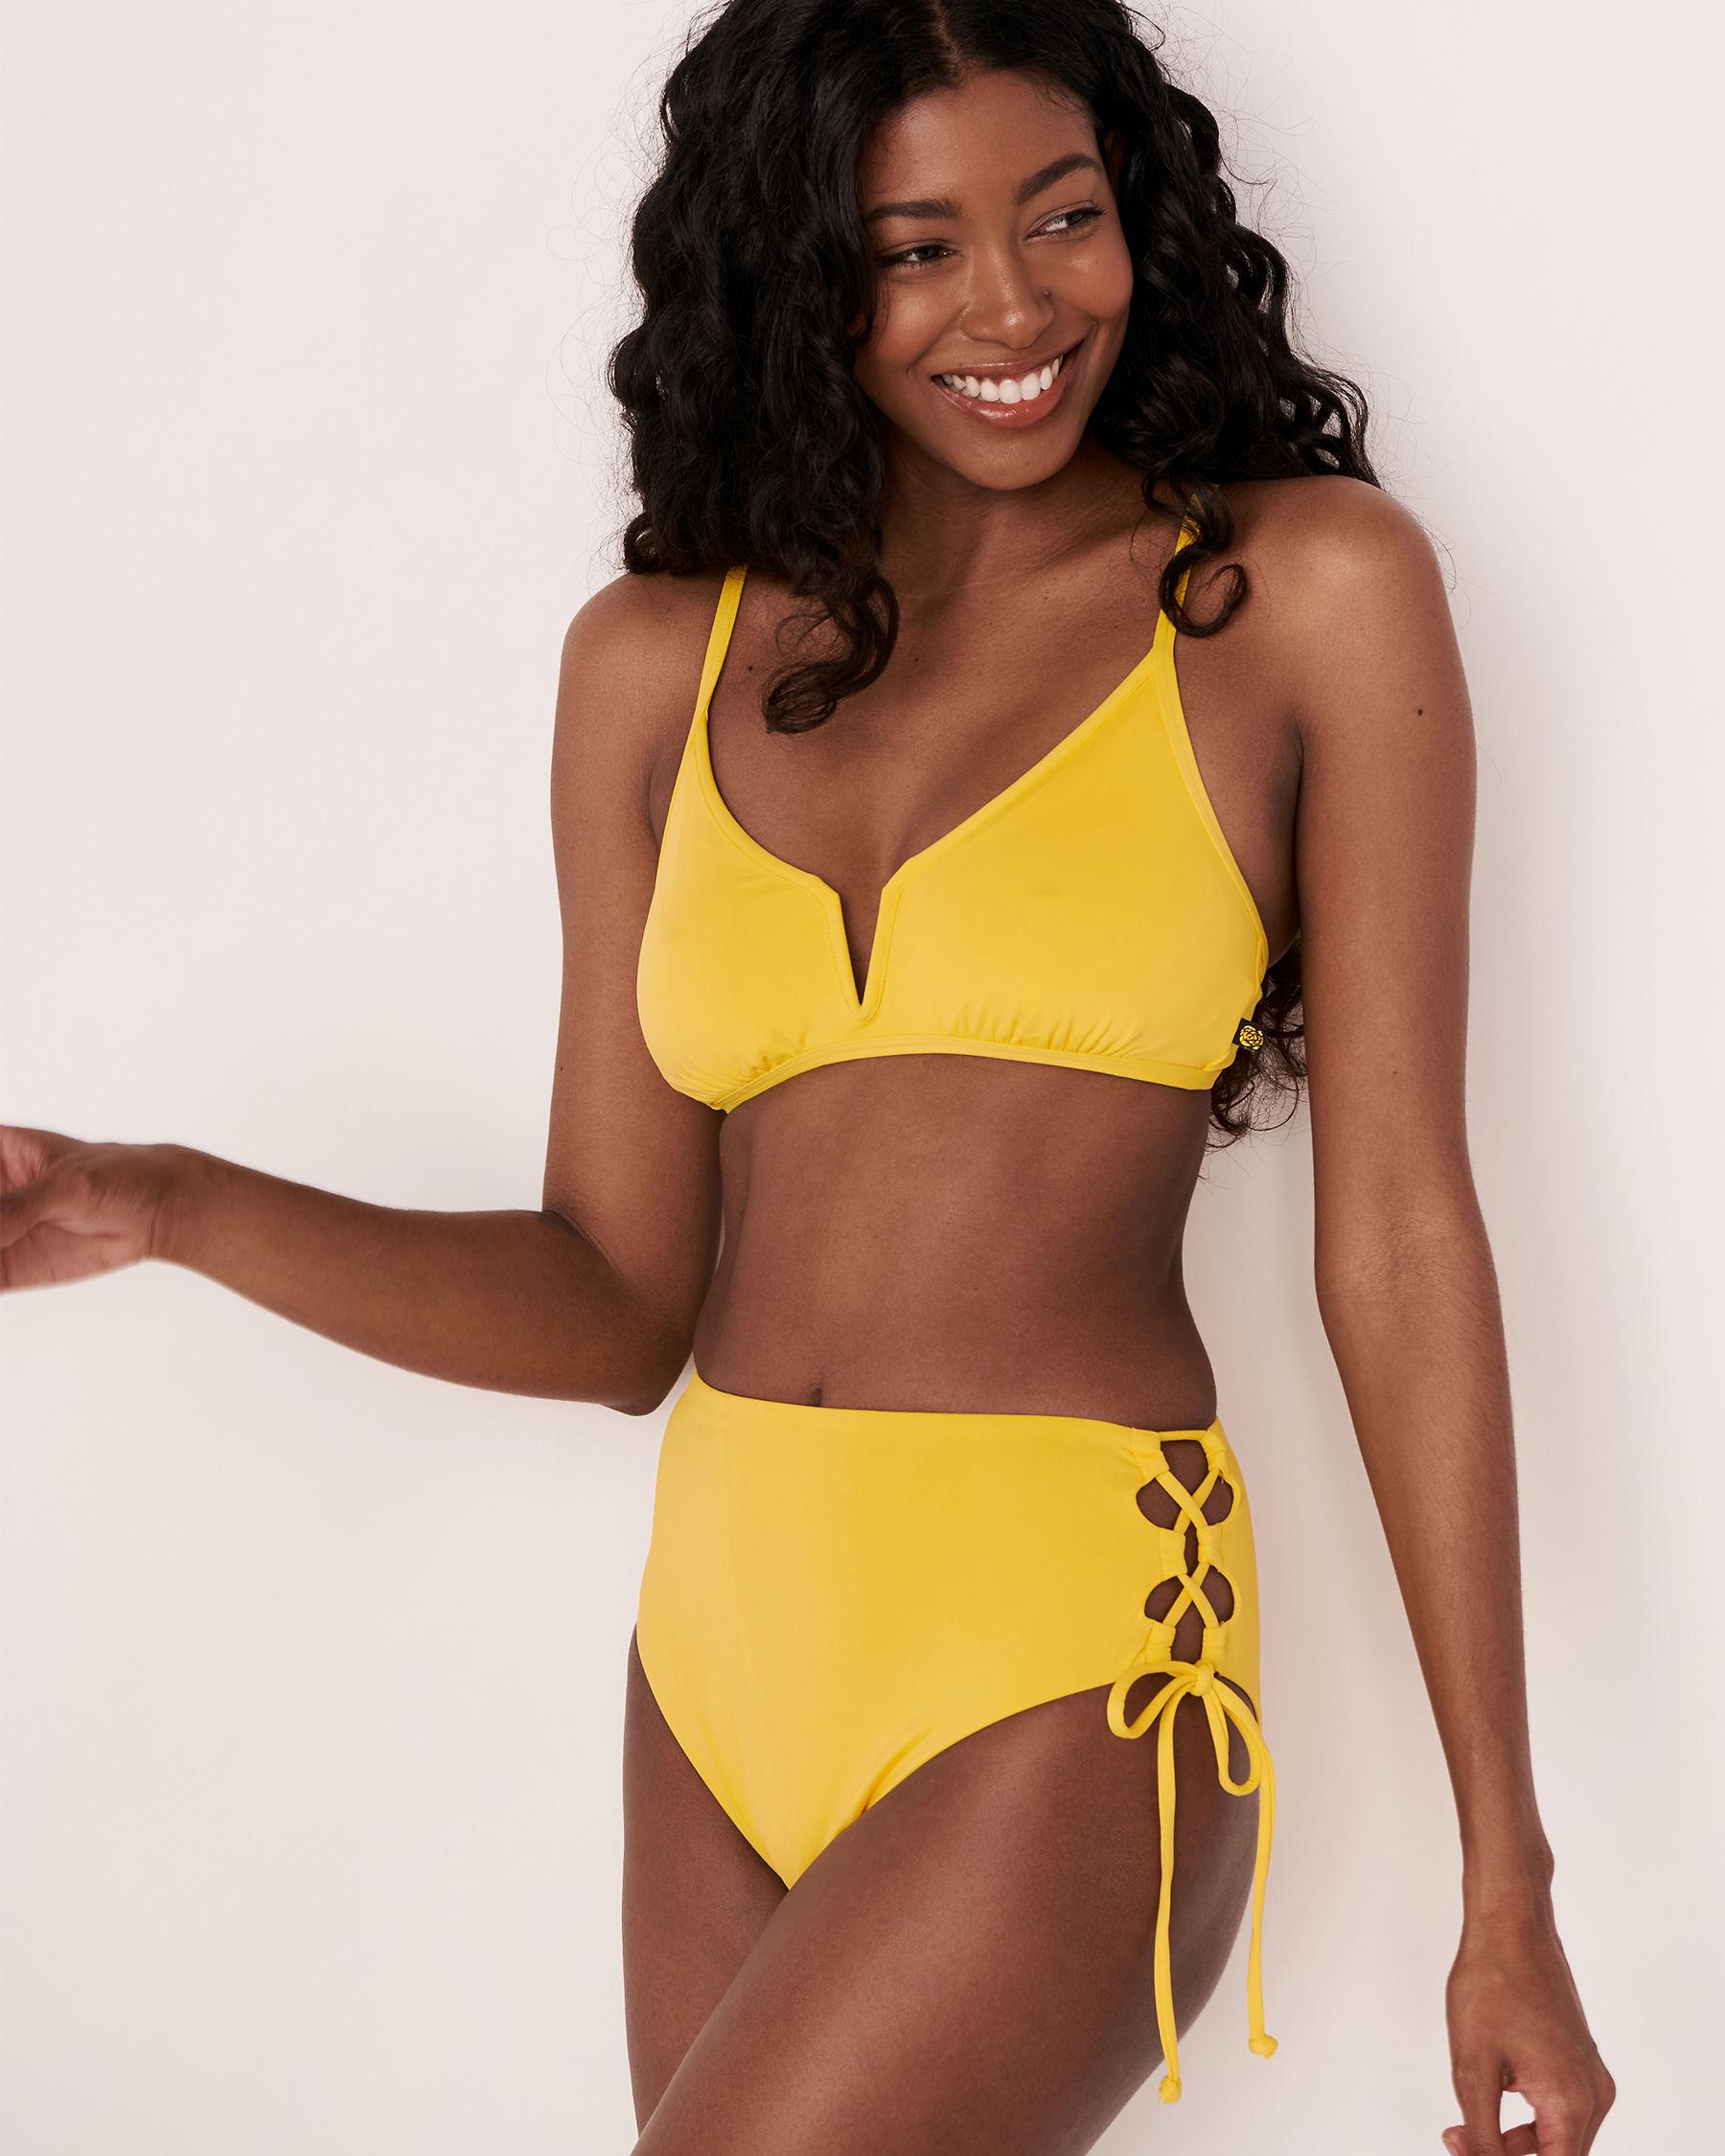 LA VIE EN ROSE AQUA Bas de bikini taille haute TOOTSIE Jaune 70300061 - Voir3